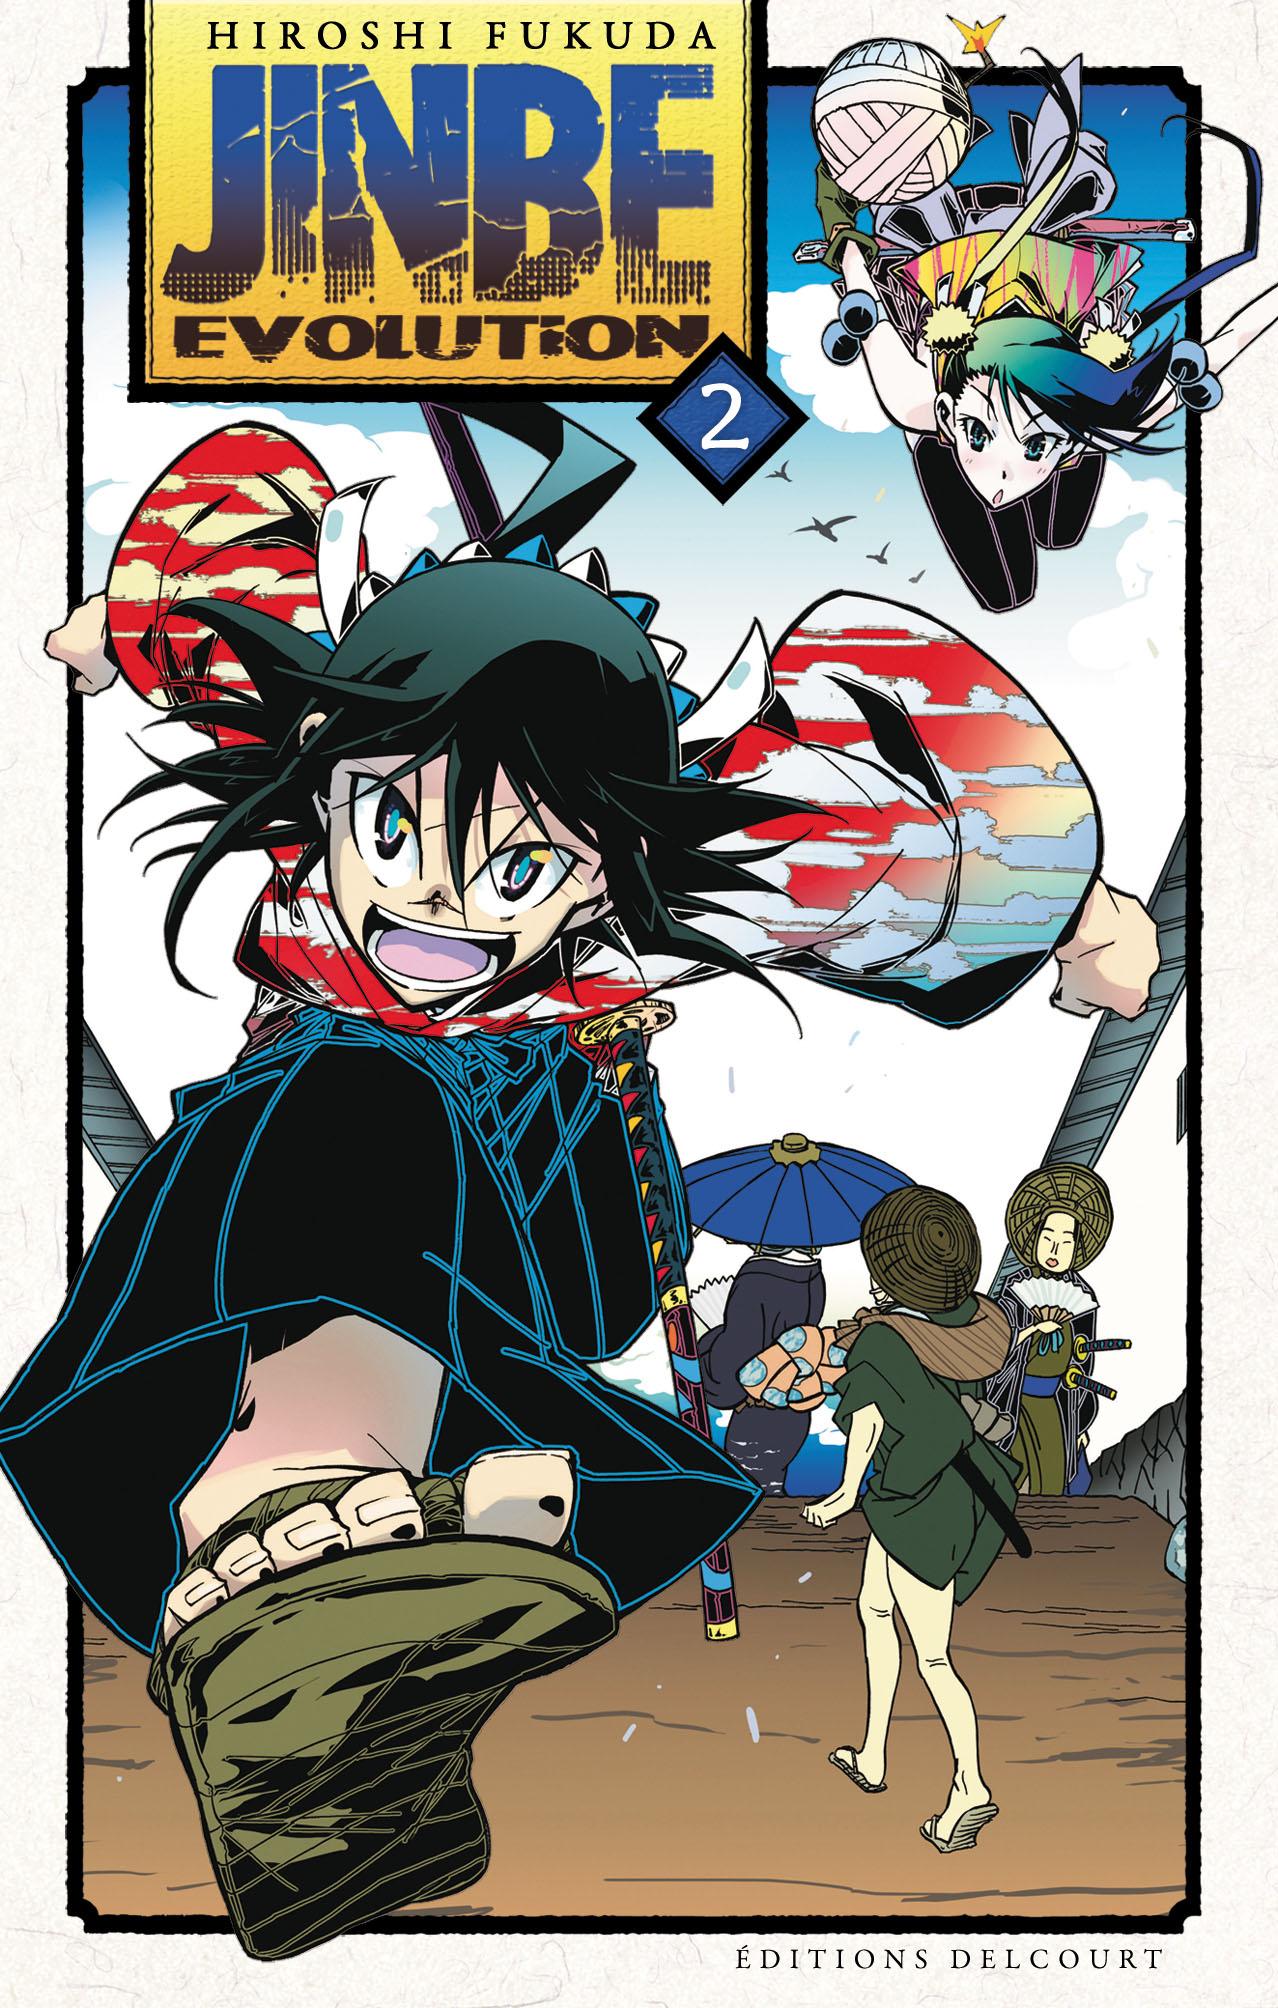 http://img.manga-sanctuary.com/big/jinbe-evolution-manga-volume-2-francaise-62312.jpg